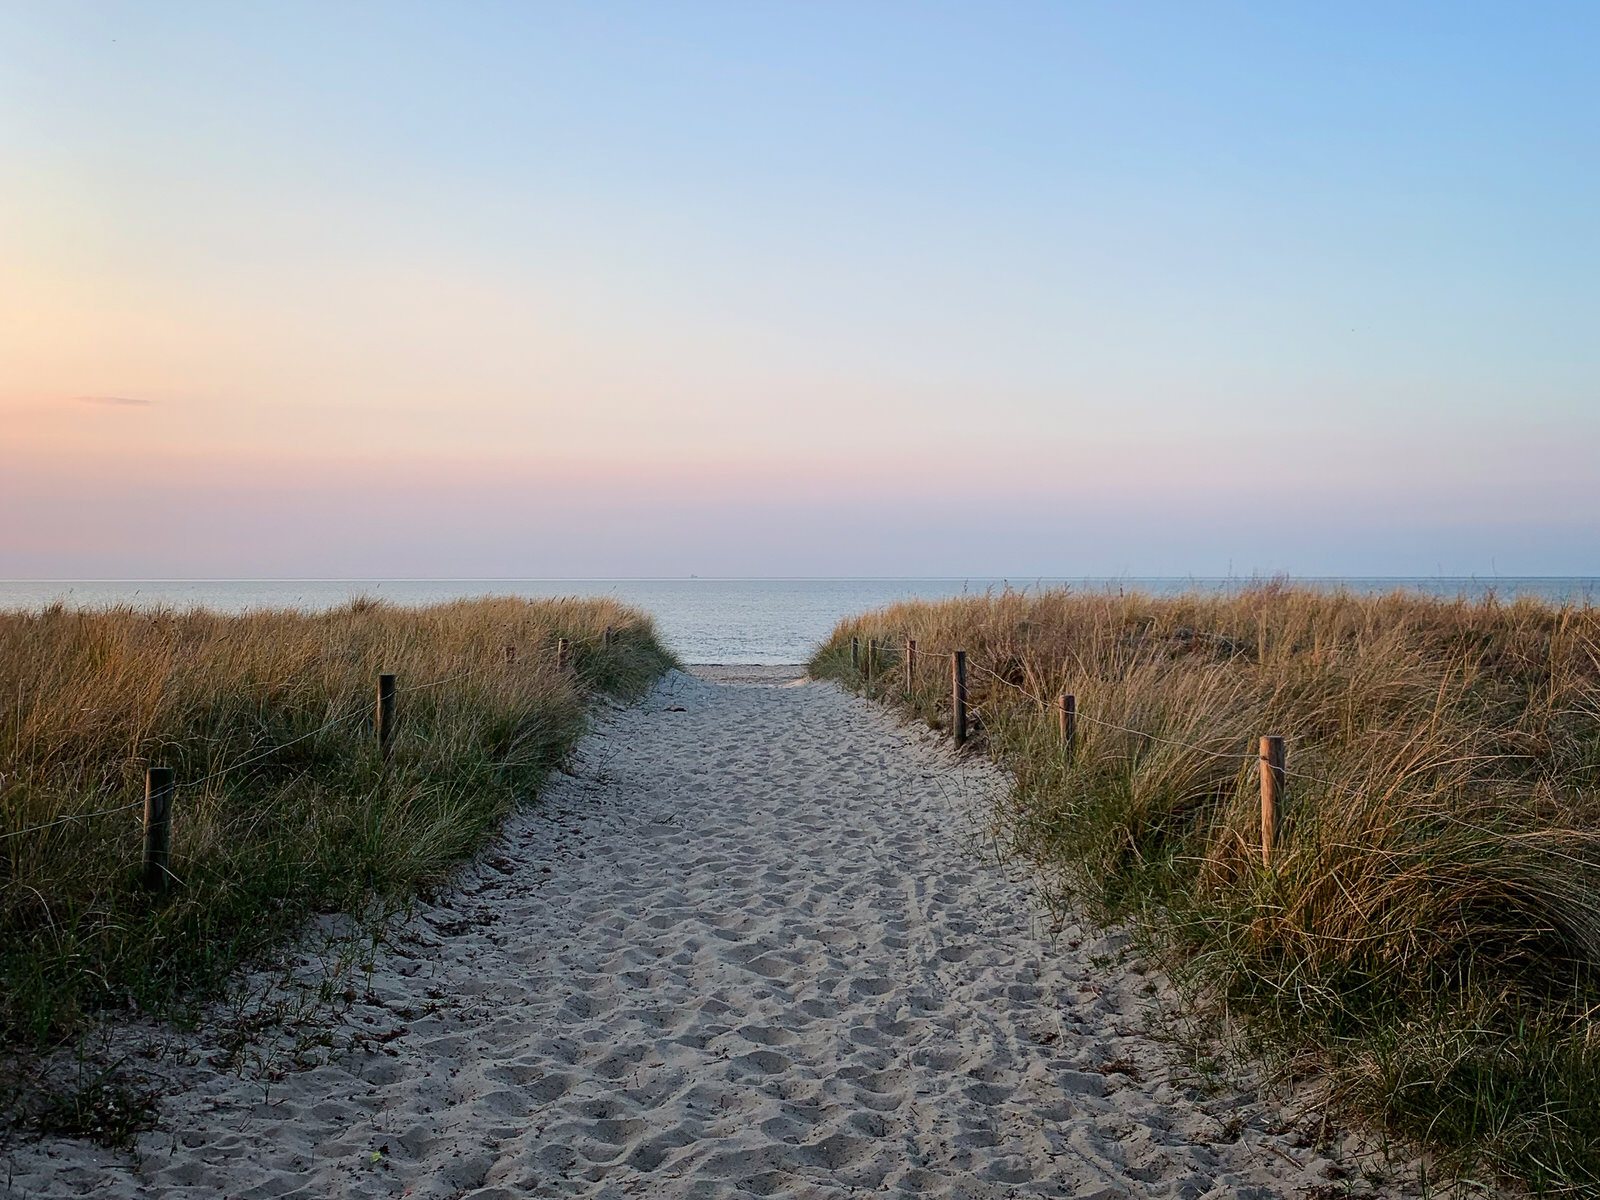 Ein Weg aus hellem Strandsand führt mittig zwischen Dünengras hindurch. Im Hintergrund sieht man die blaue Ostsee und am Himmel einen rosa Streifen.